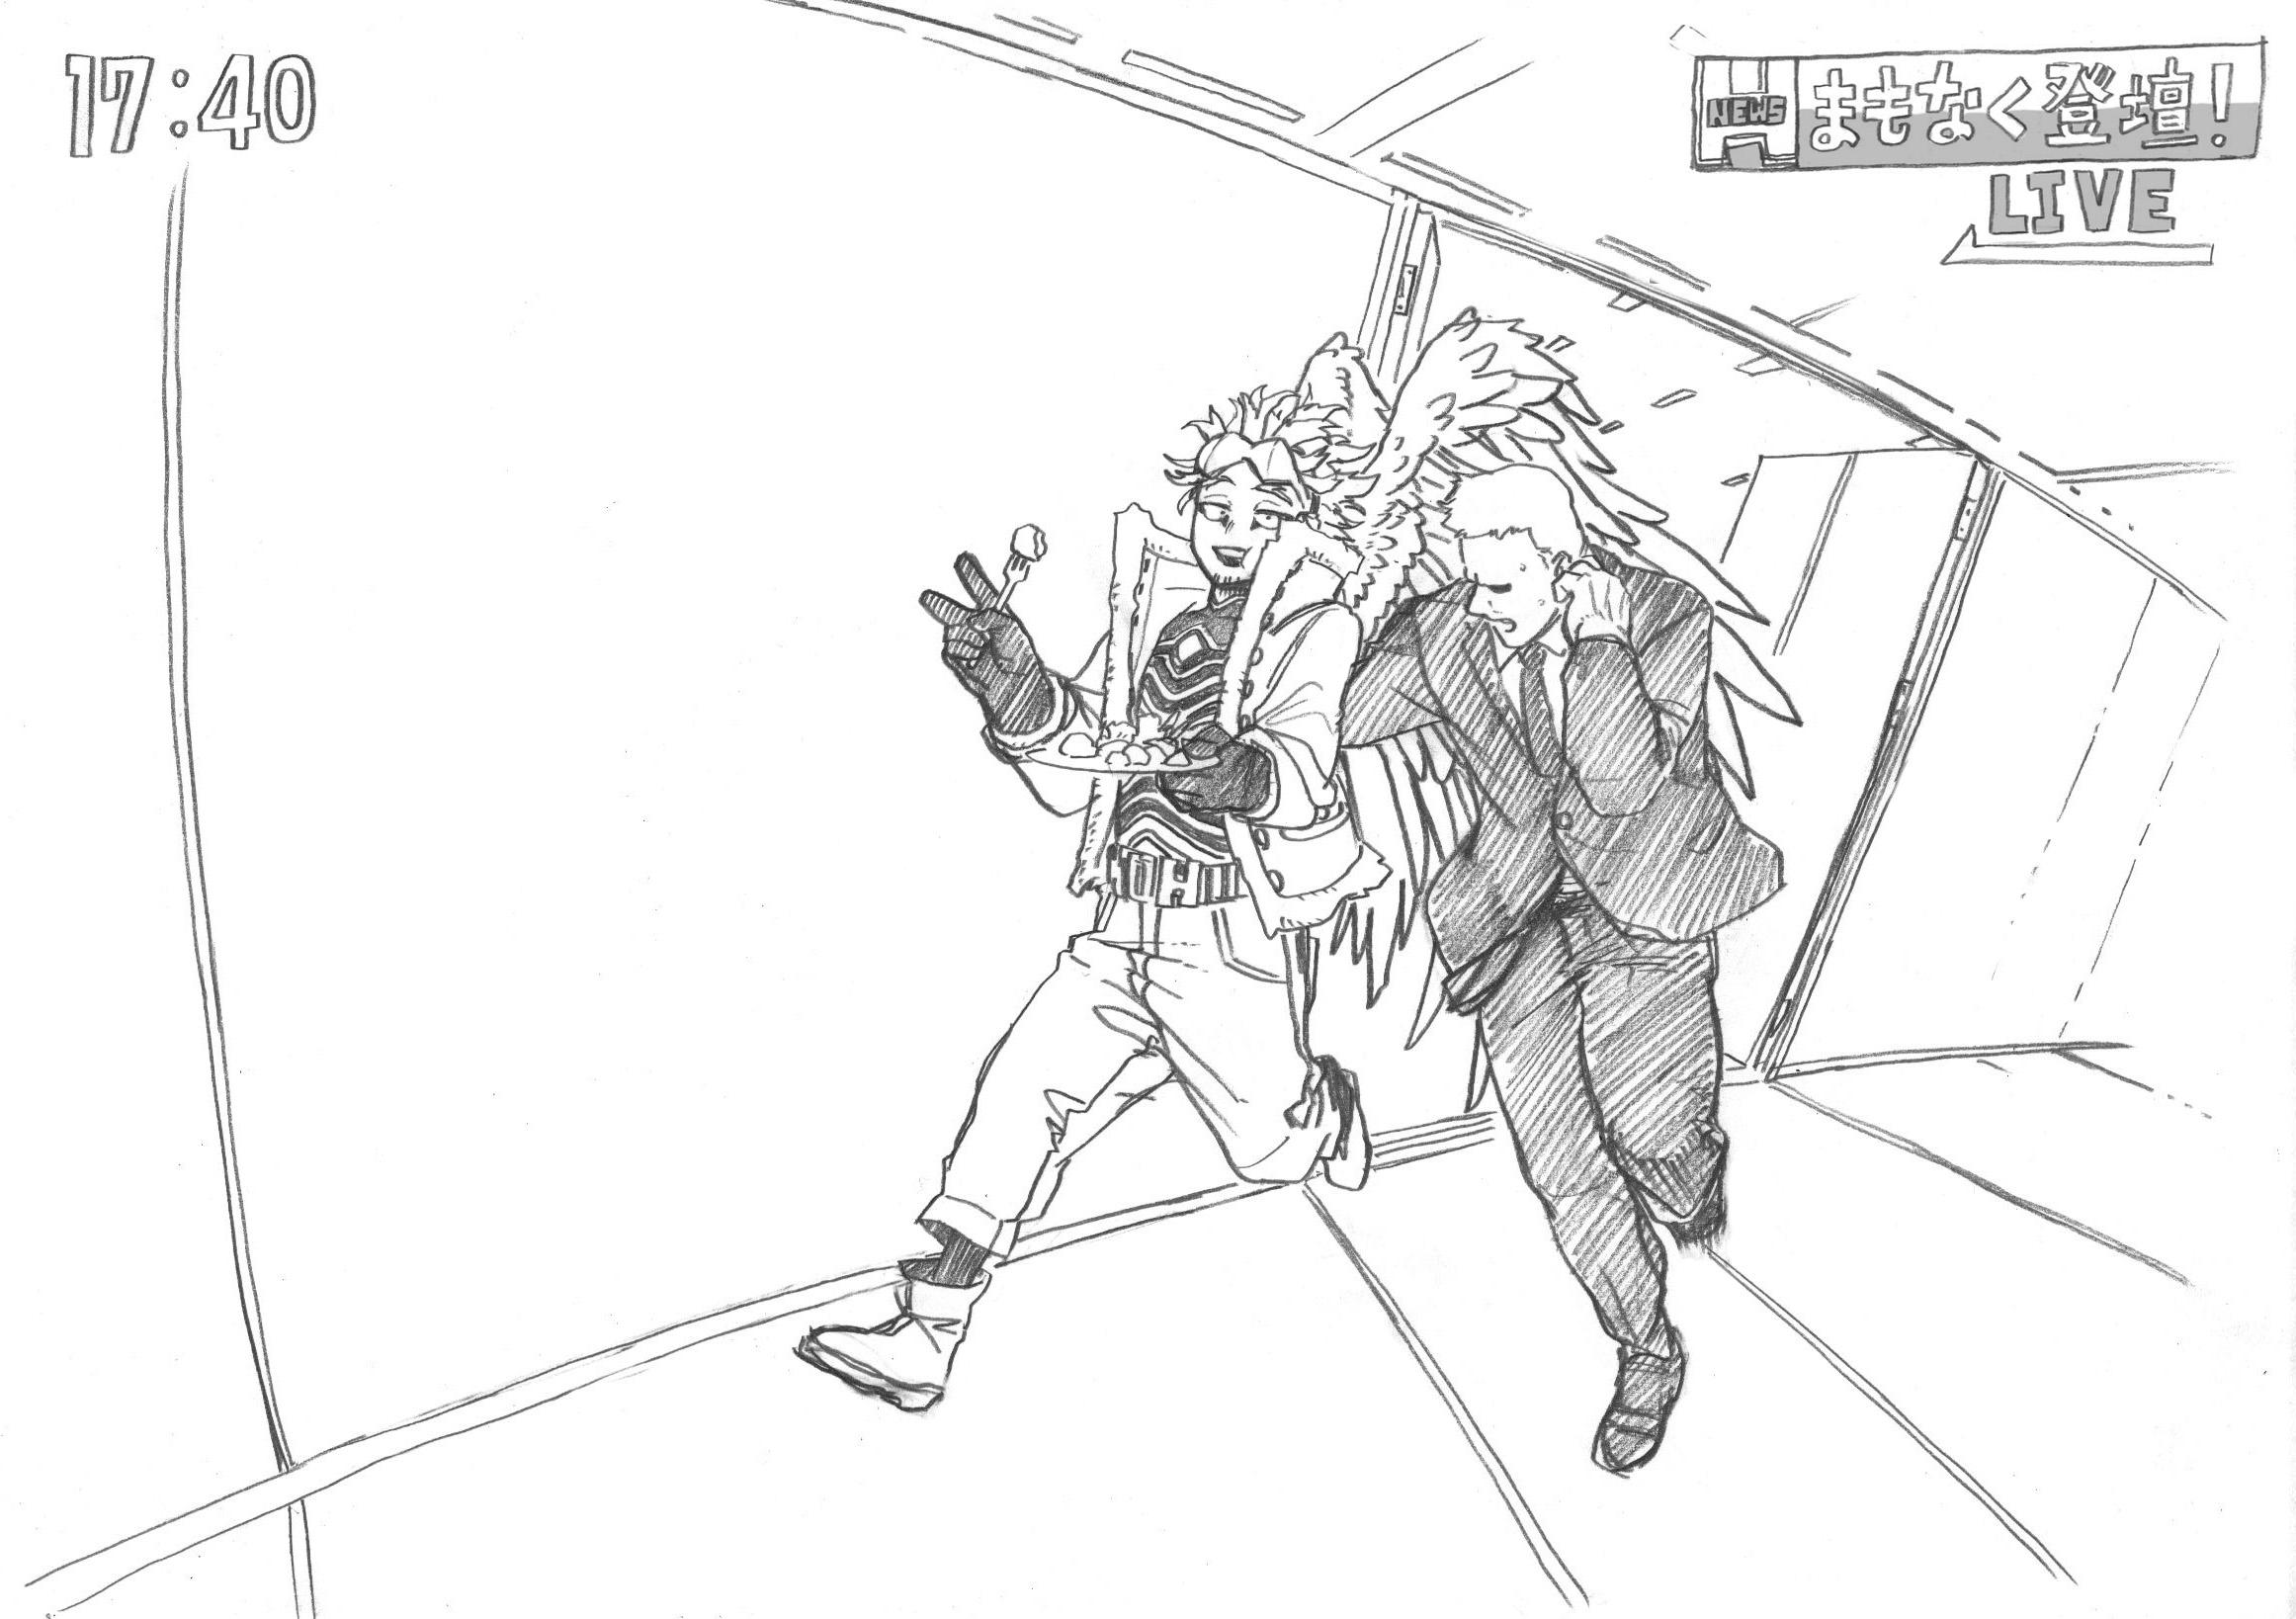 Episode 87 Sketch 2